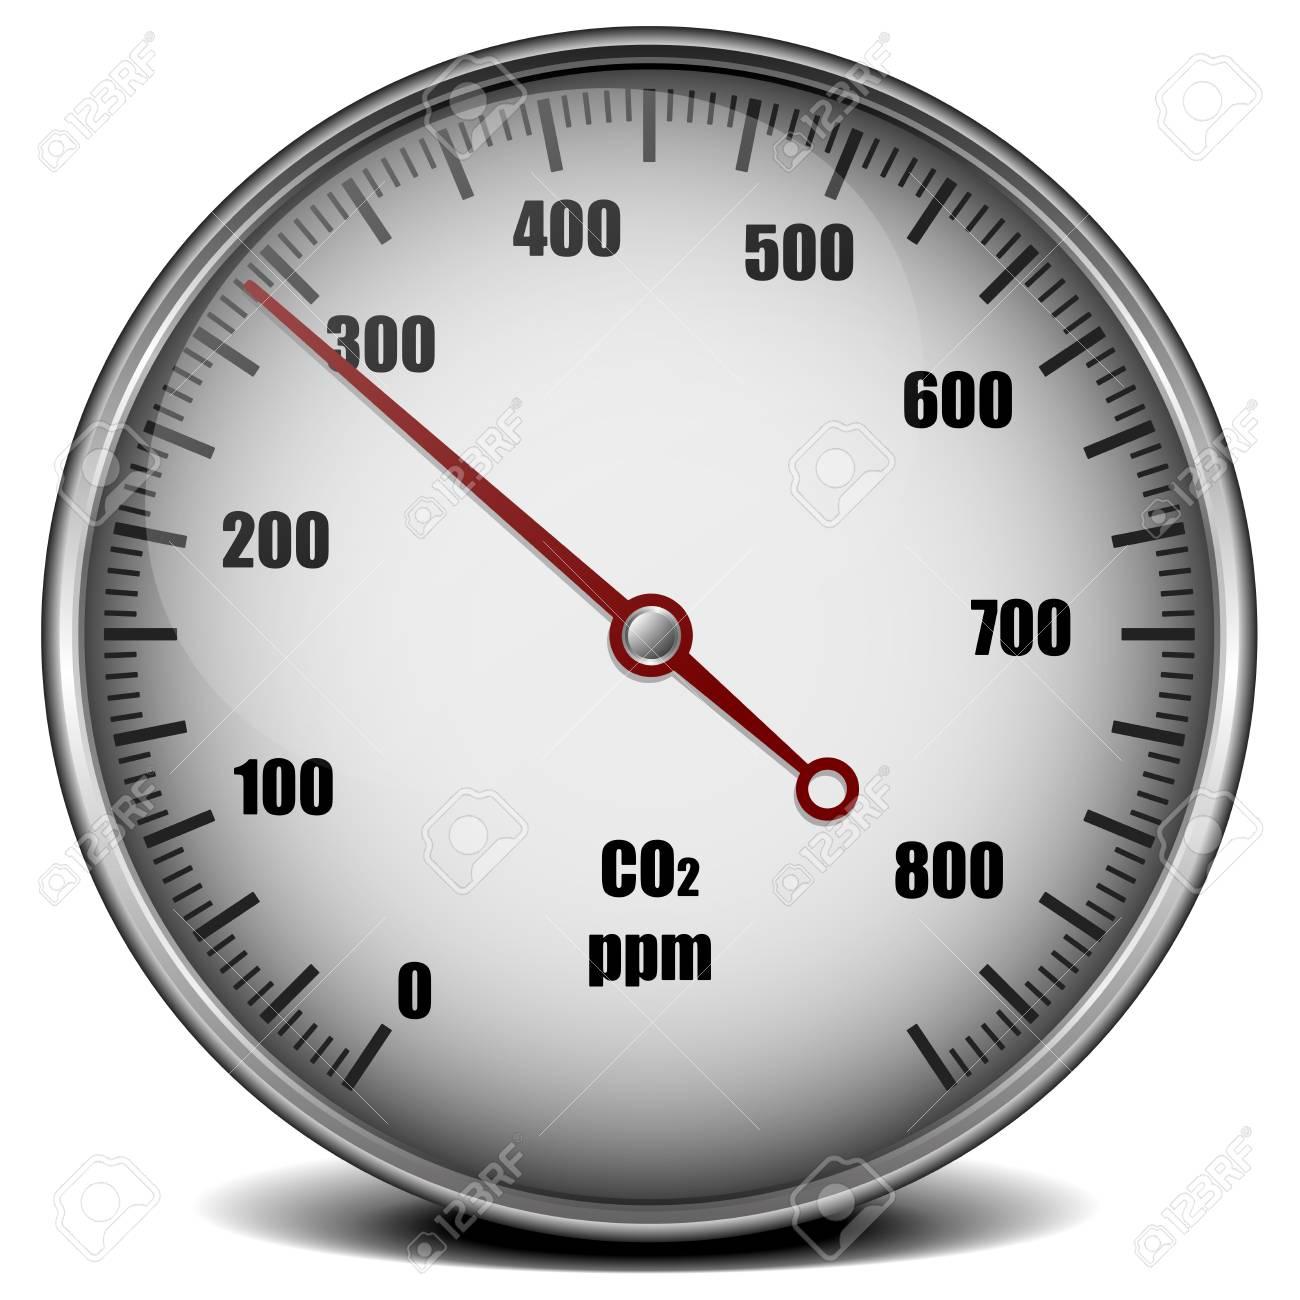 Illustration of a carbon dioxide gauge symbol for low emission illustration of a carbon dioxide gauge symbol for low emission eps10 vector stock vector buycottarizona Images